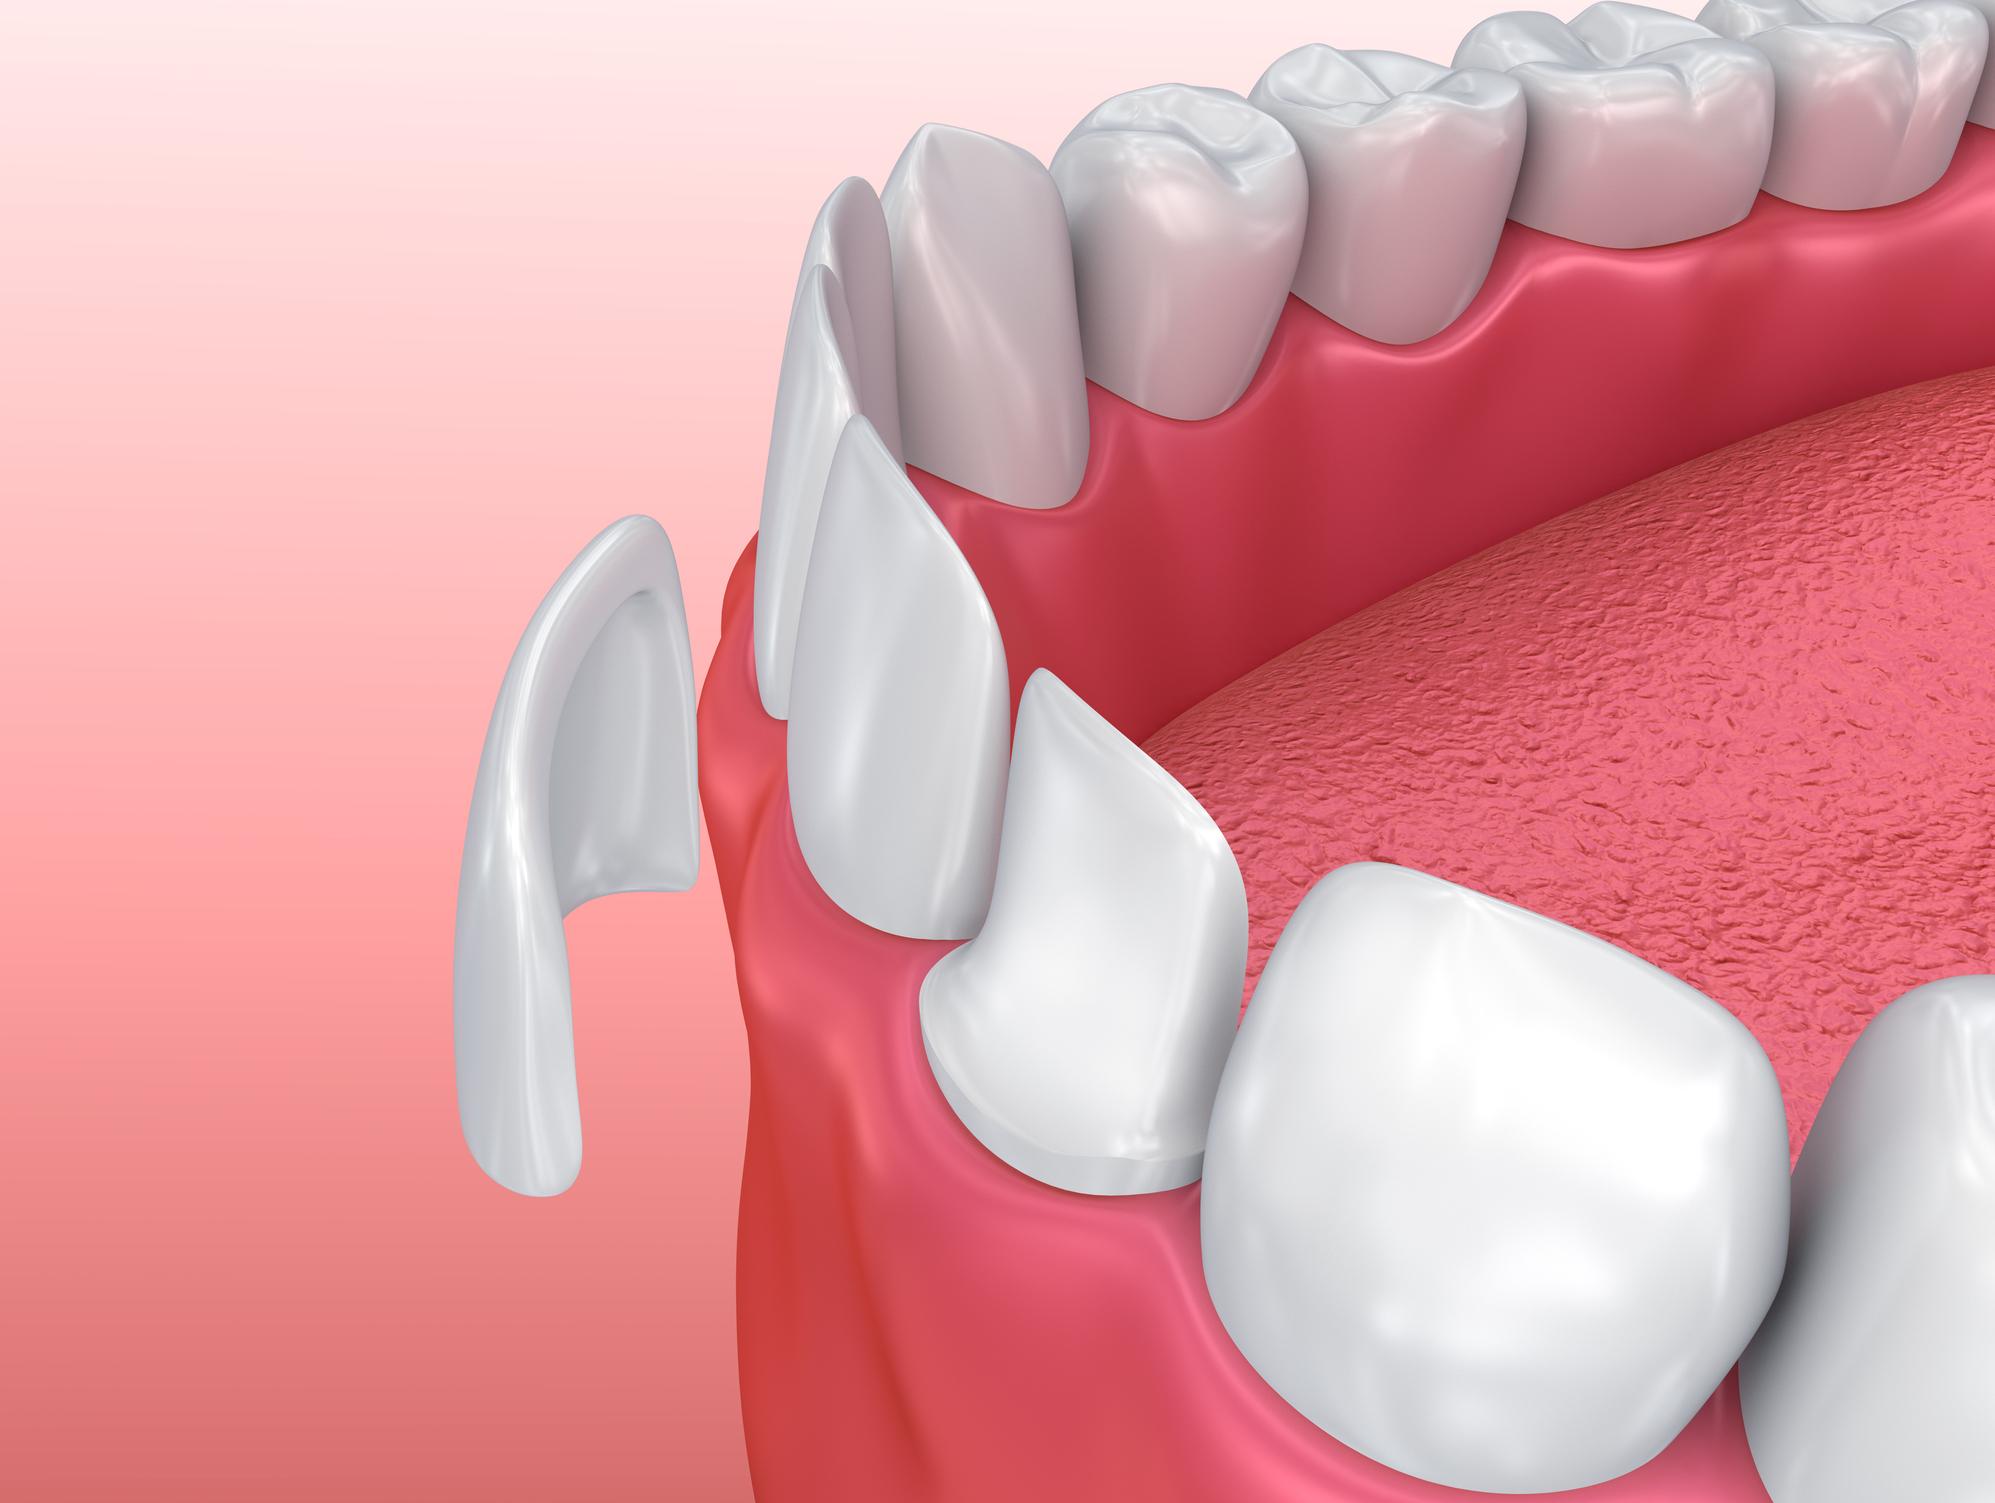 gilmer cosmetic dentistry - veneers